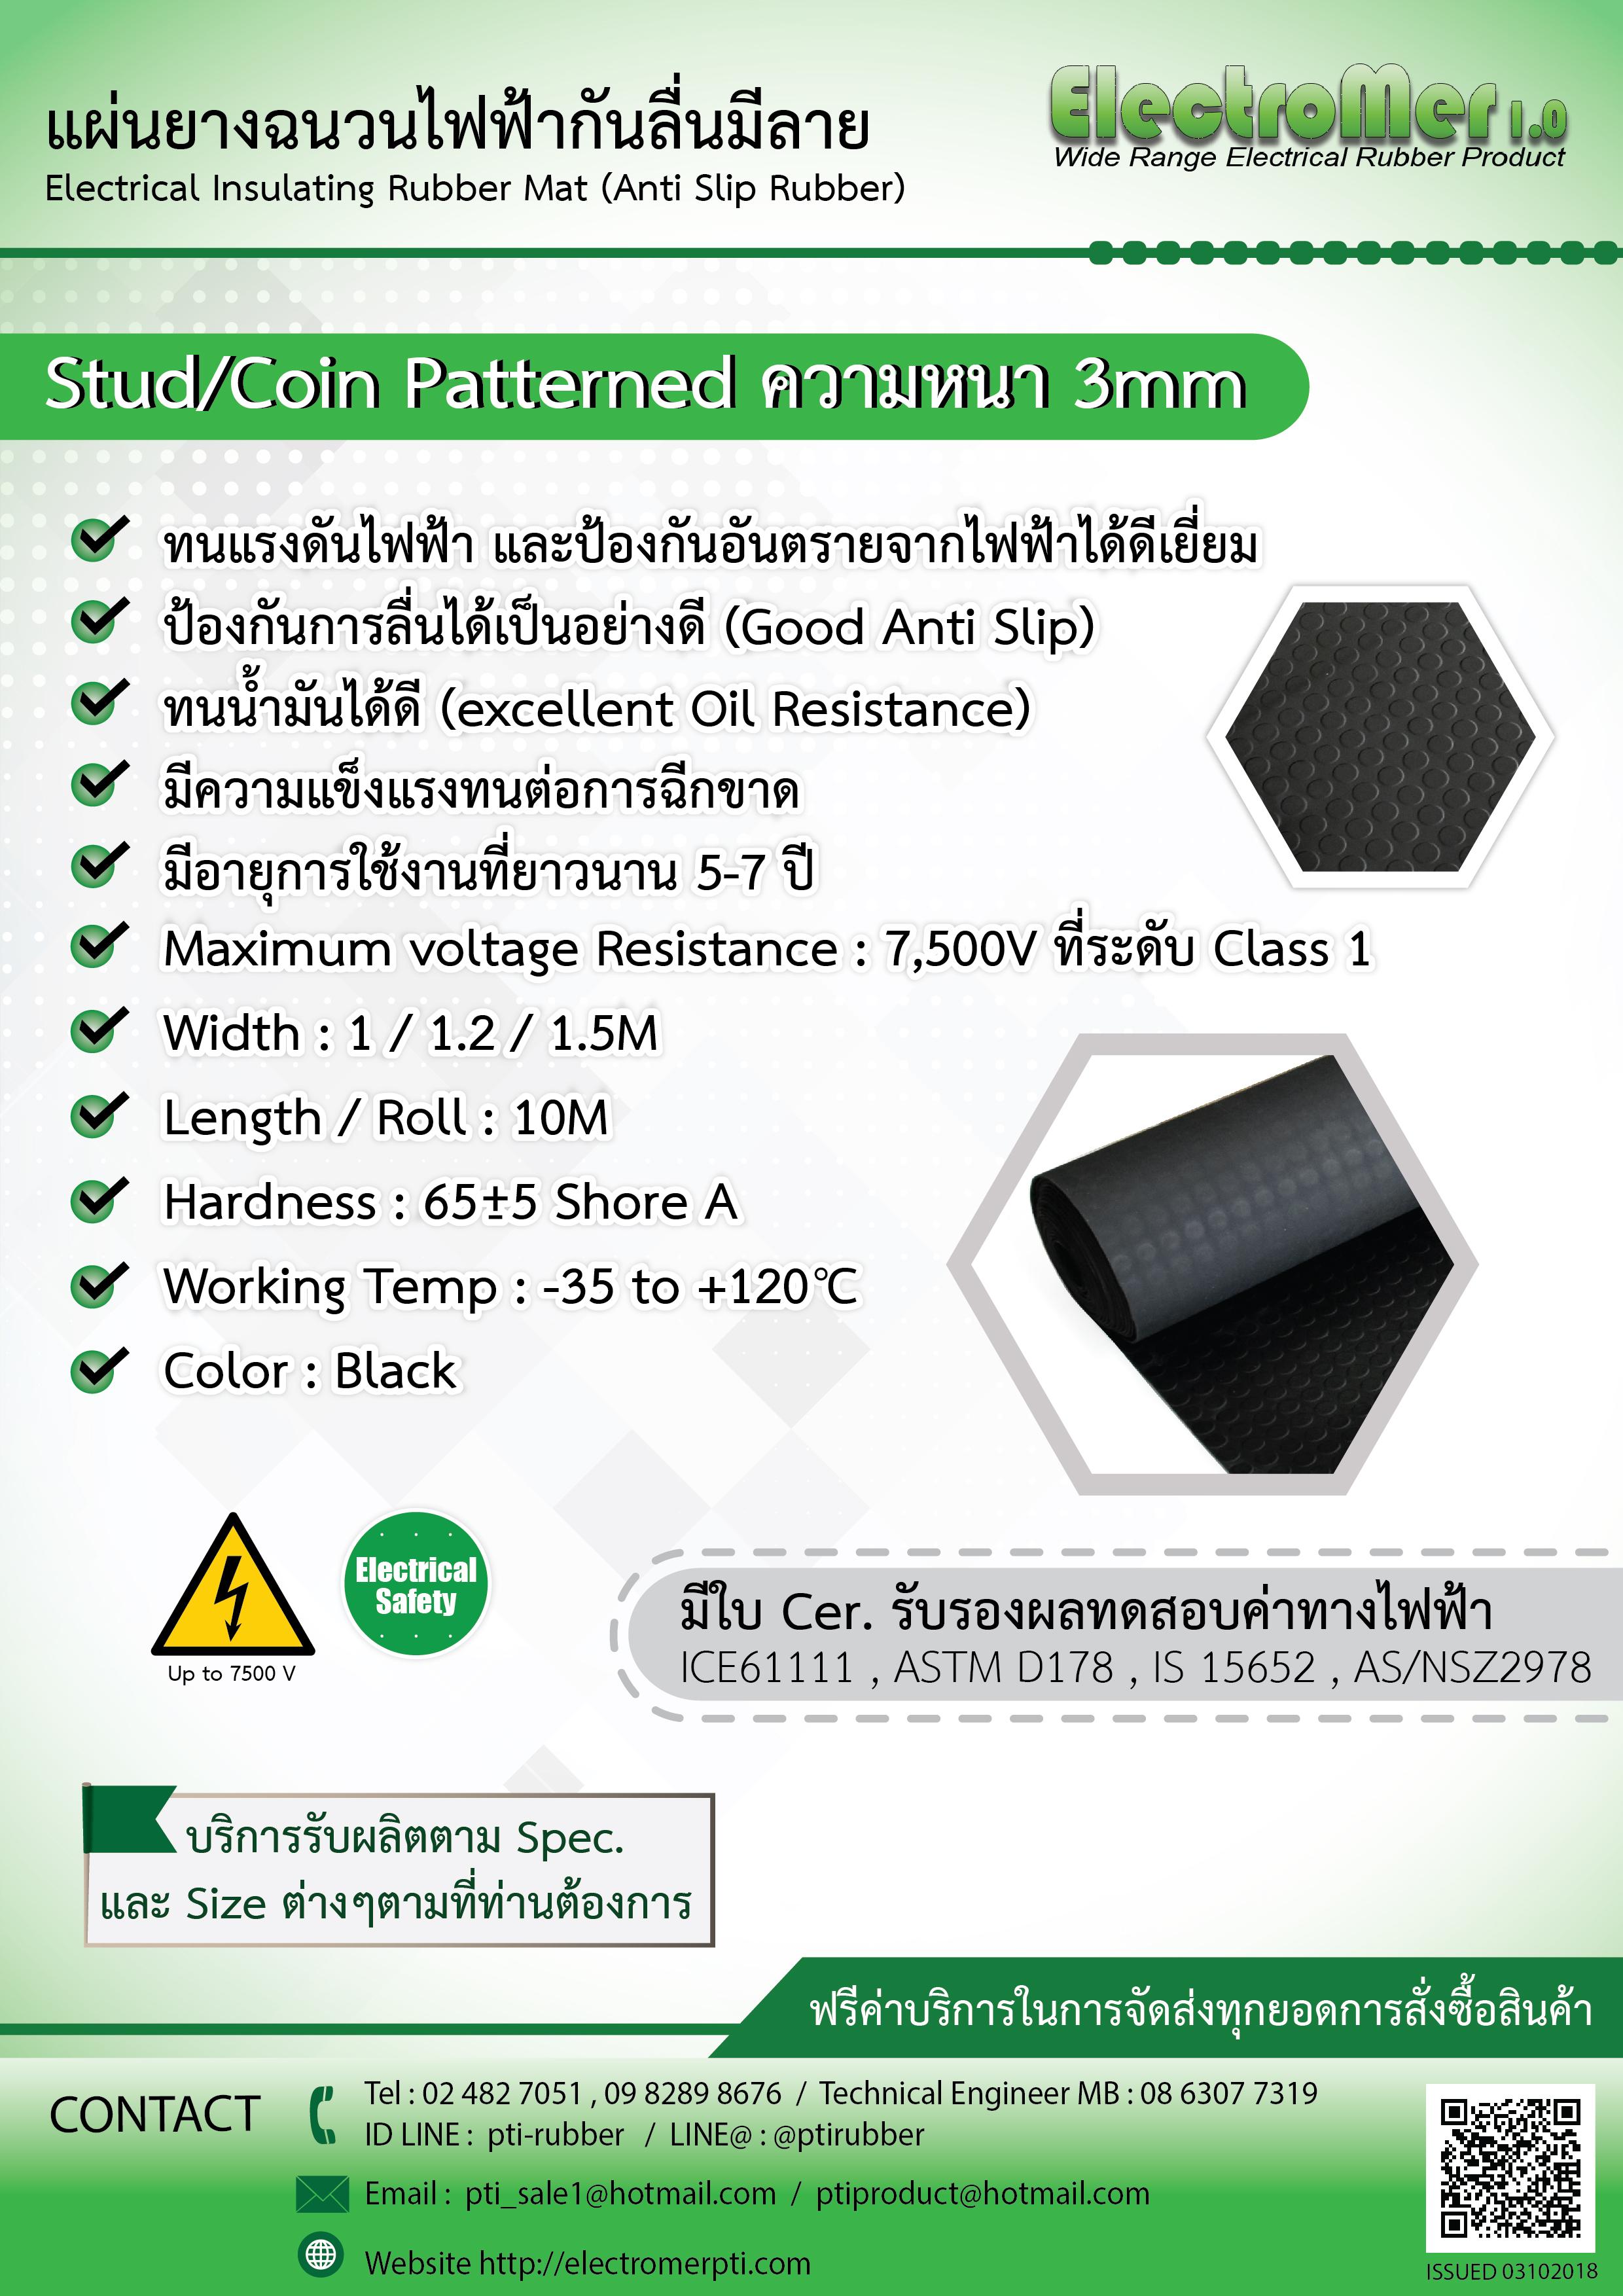 แผ่นยางฉนวนไฟฟ้ากันลื่นลาย Stud&coin 3mm